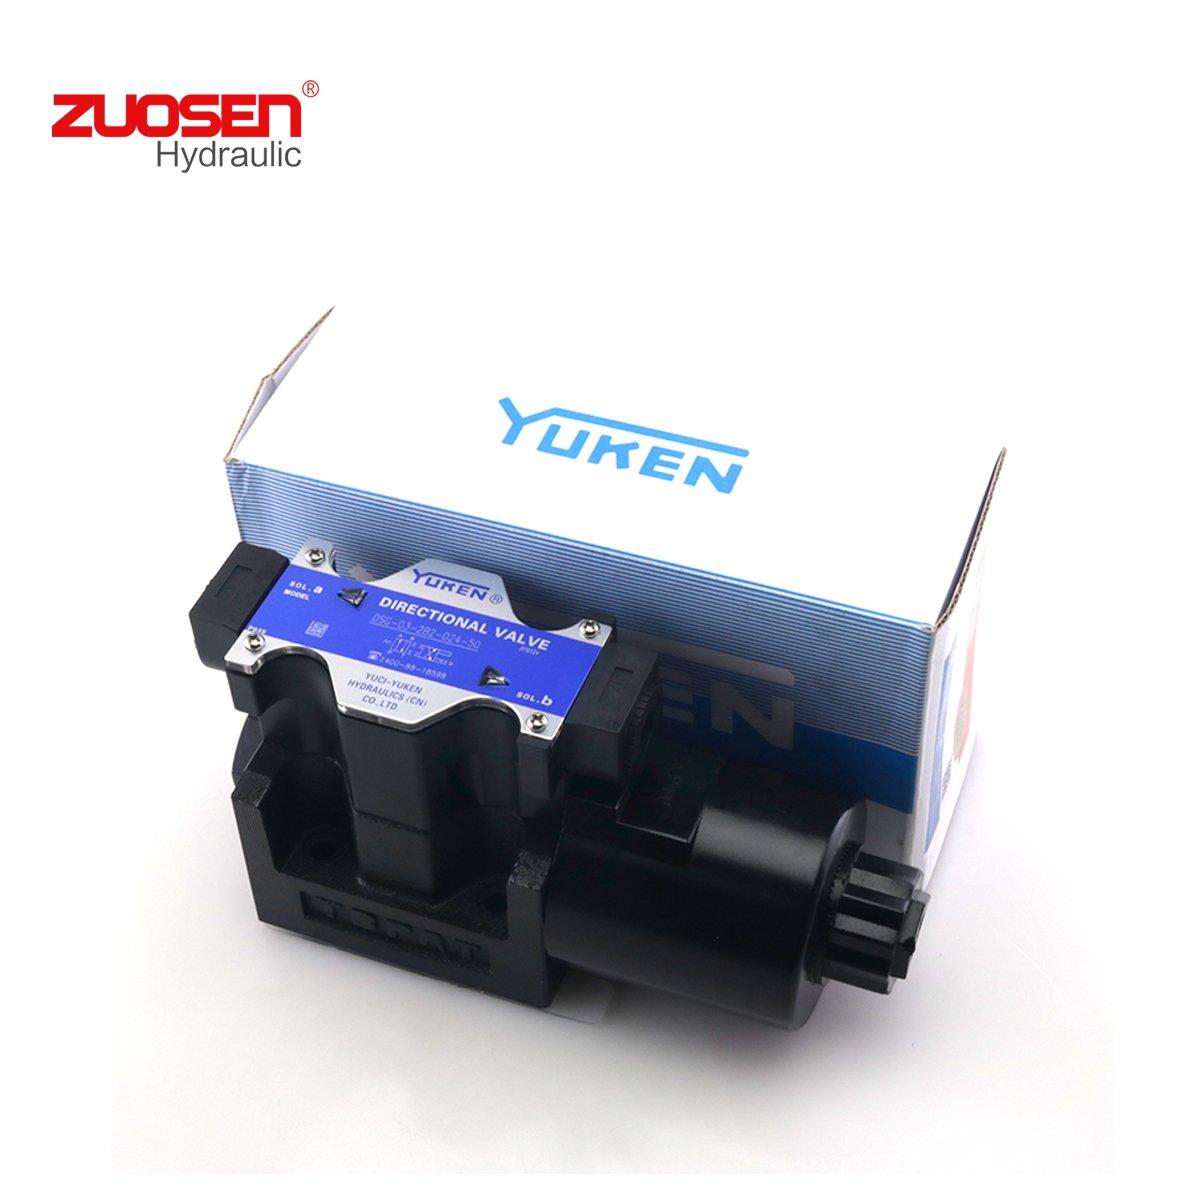 Yuken DSG-03-2B2-A240-N1-50 Hydraulic Valves